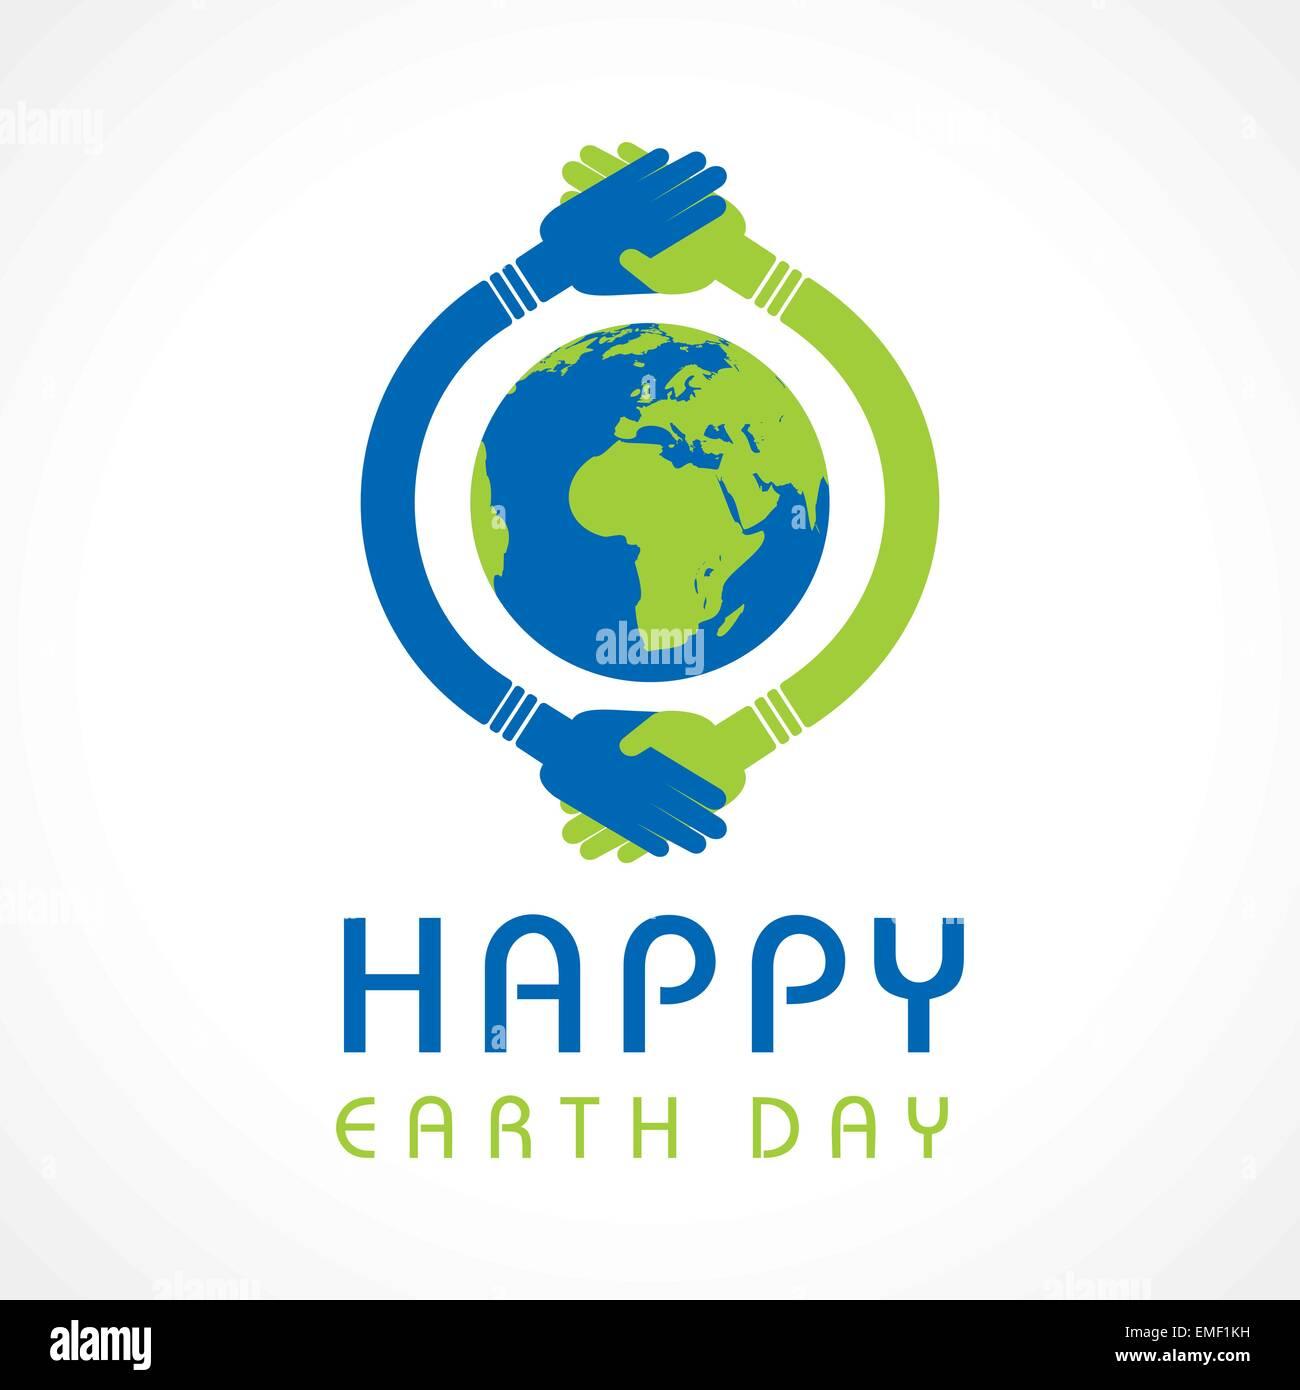 Le jour de la terre heureuse création vecteur stock Souhaits Photo Stock